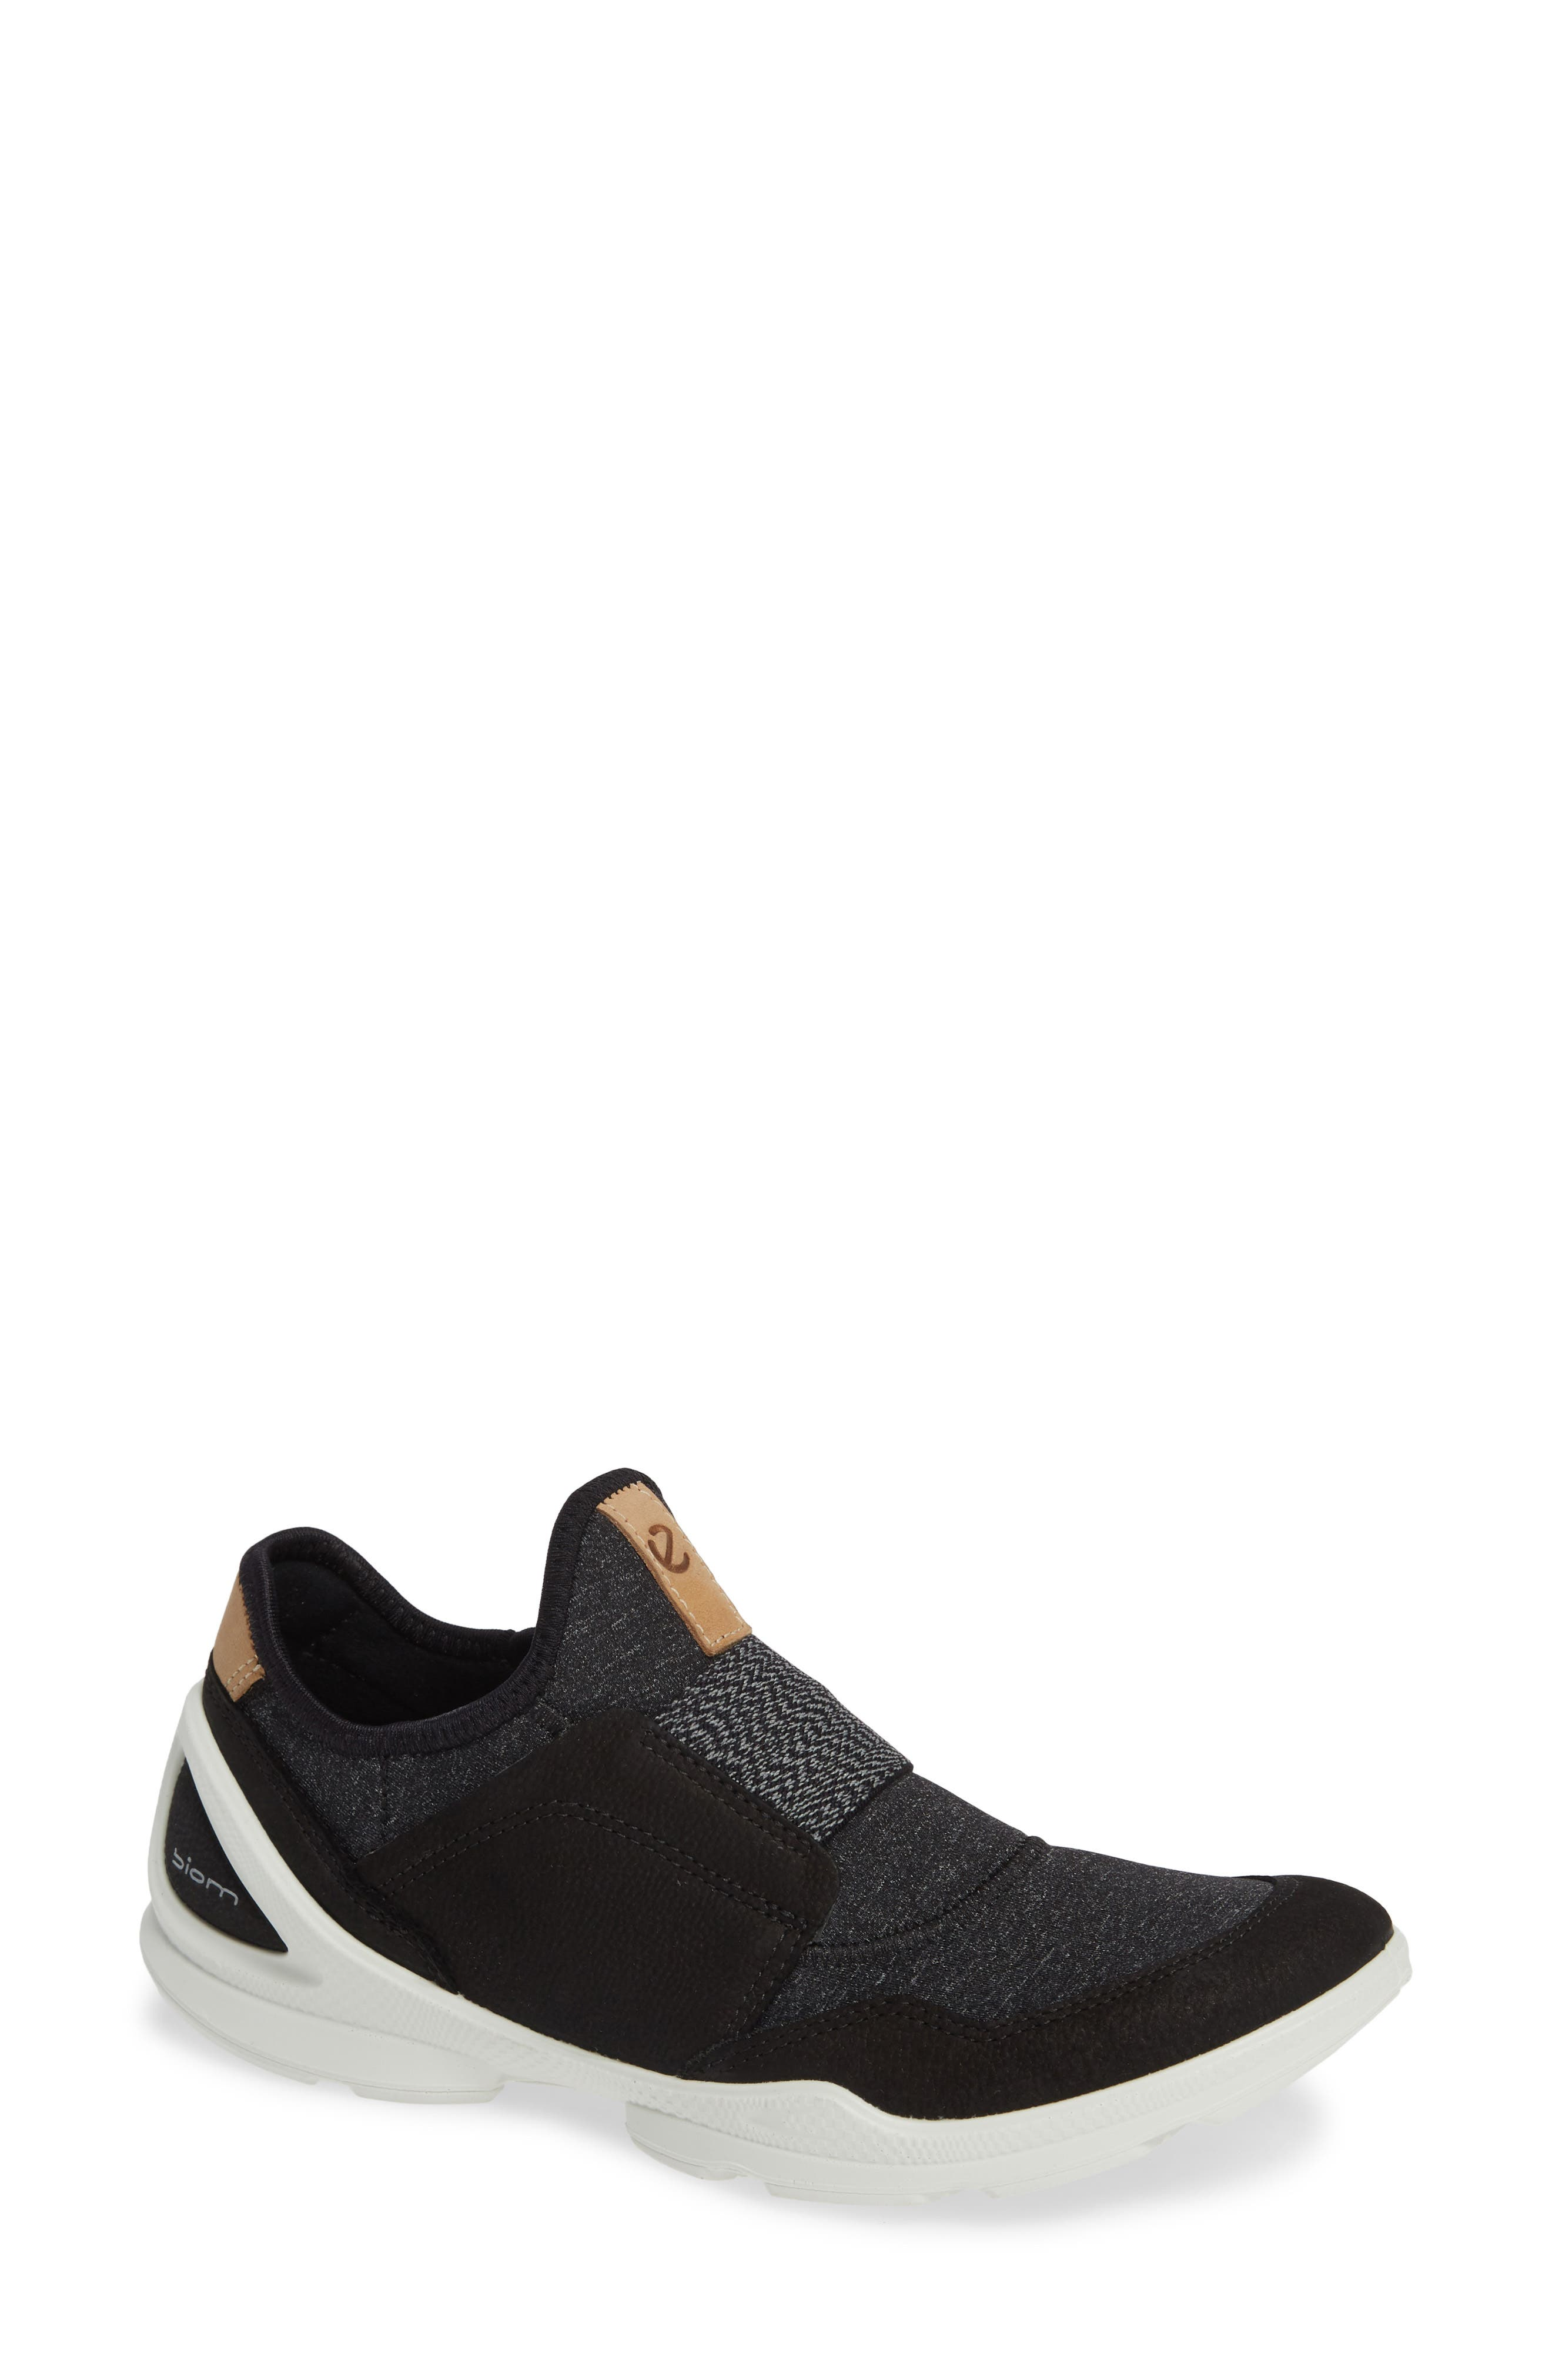 Ecco Biom Street Slip-On Sneaker, Black